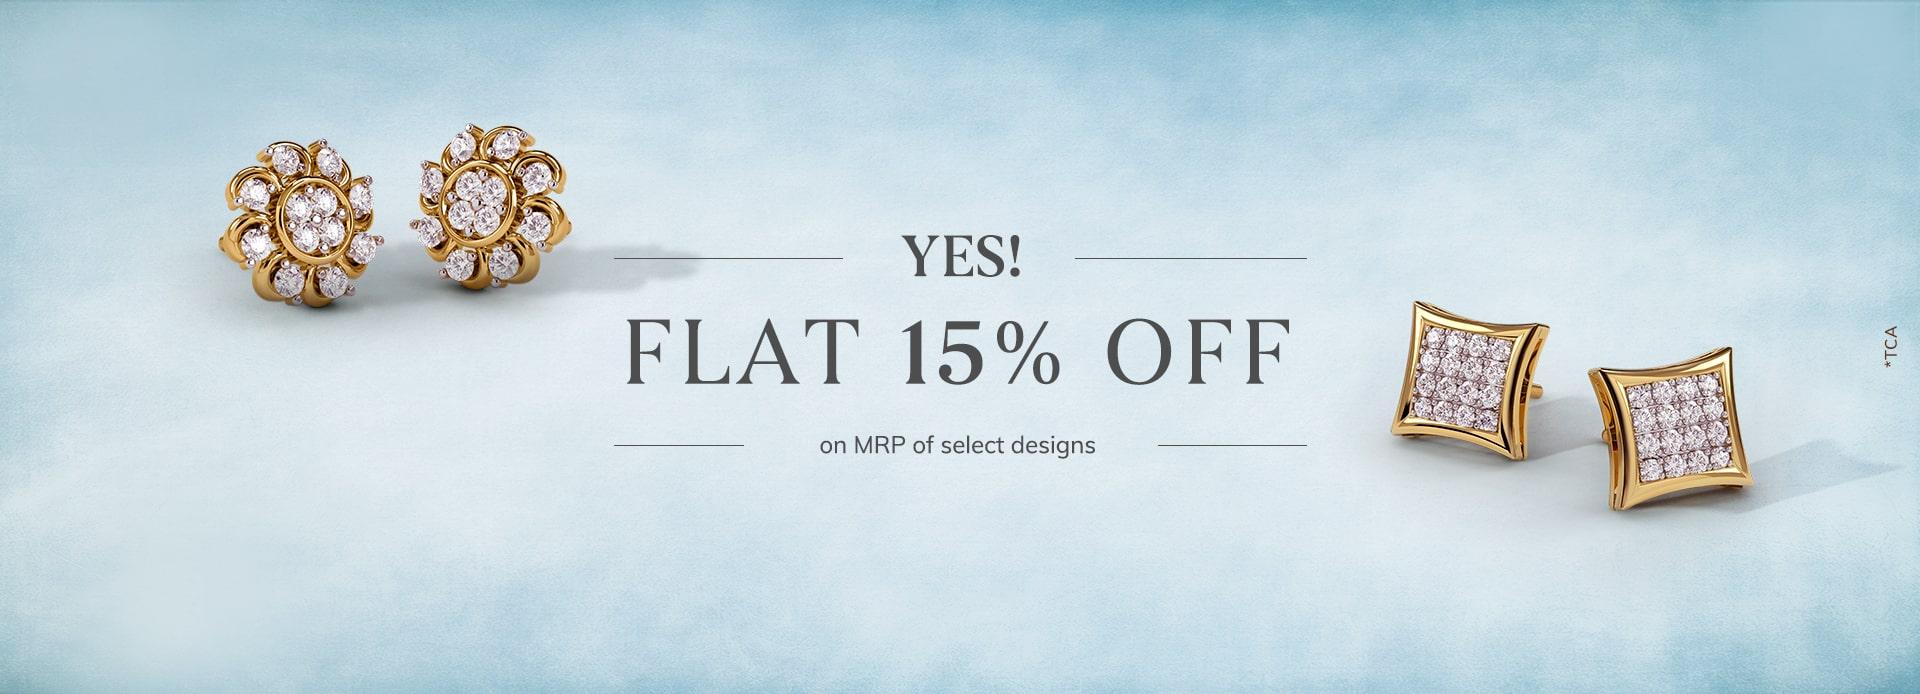 FLAT 15% offer